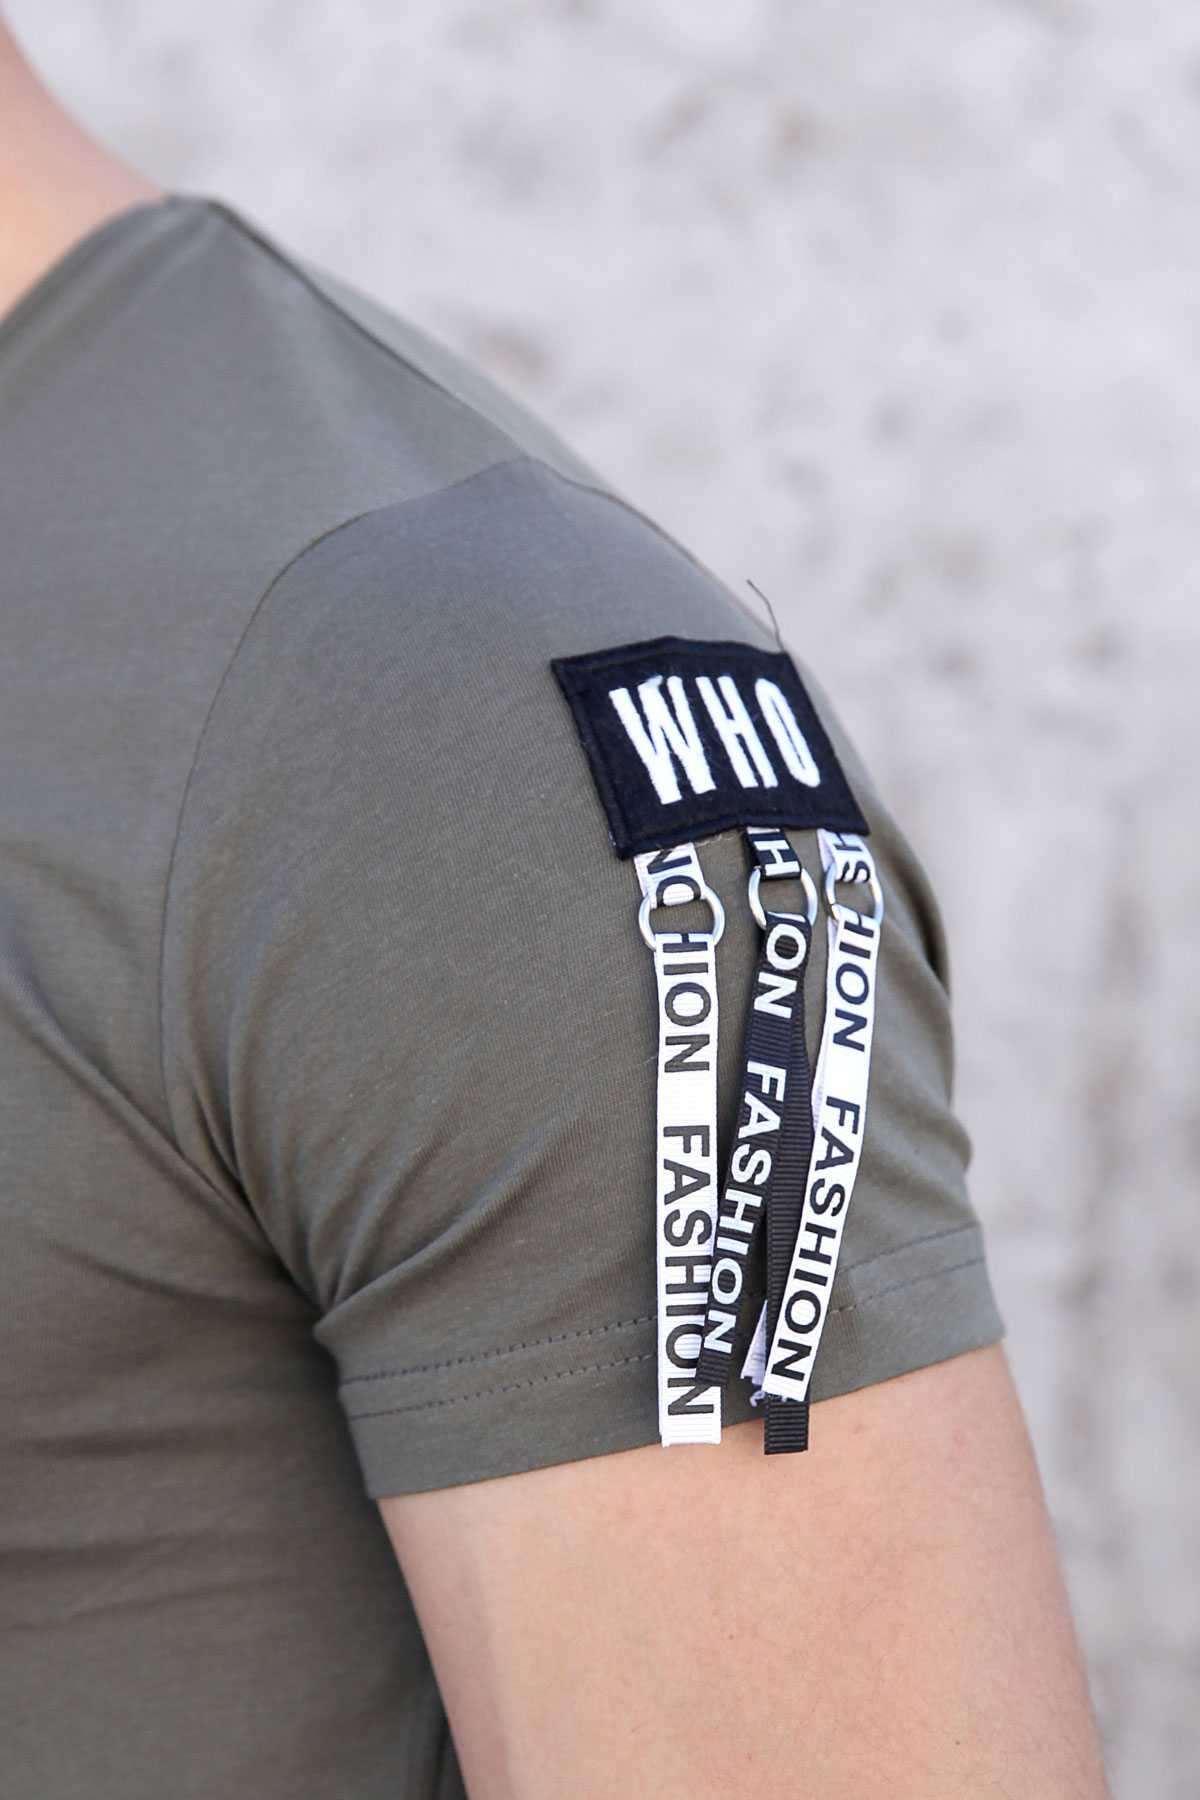 Tek Kol Halka Şerit Armalı Önü Küçük Kareli Slim Fit Tişört Haki